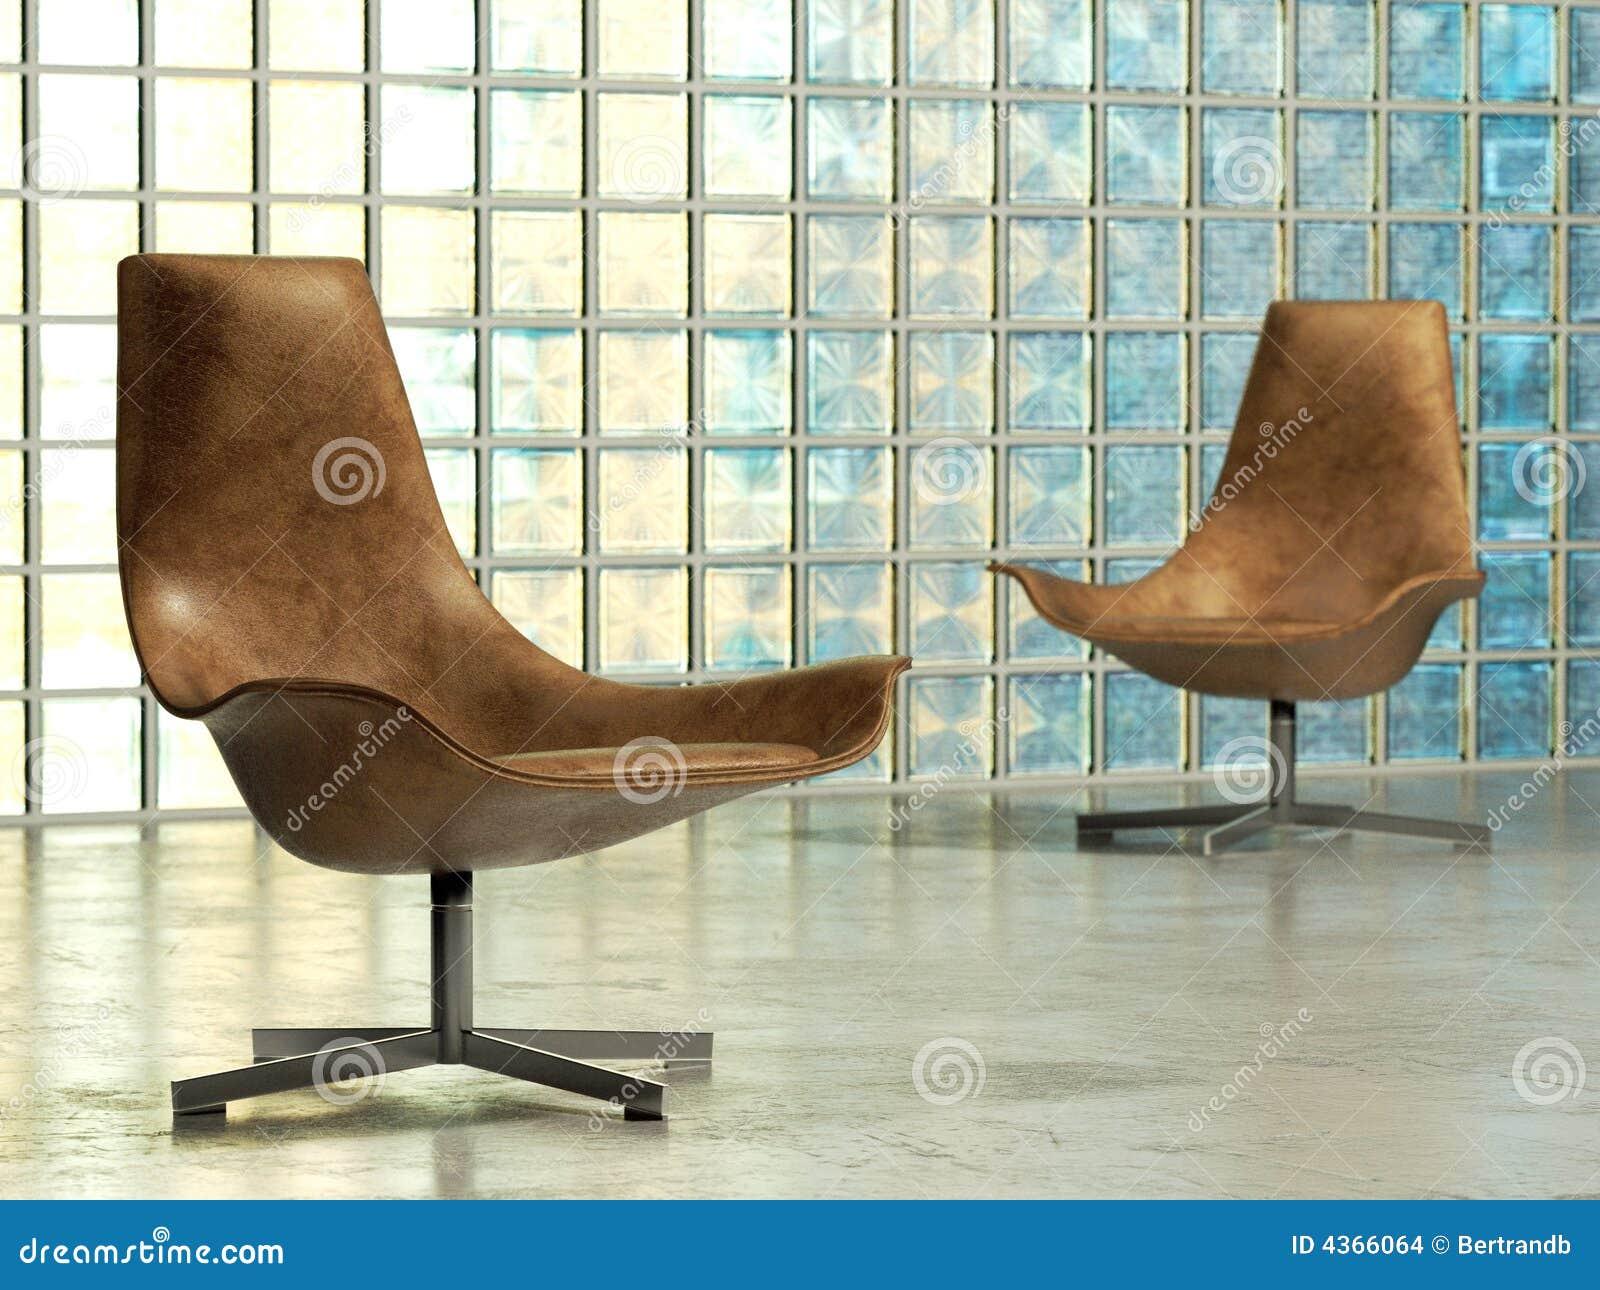 #684728 Cadeira De Sala De Estar Moderna Imagens de Stock Imagem: 4366064 1300x1065 píxeis em Cadeiras Modernas Para Sala De Estar